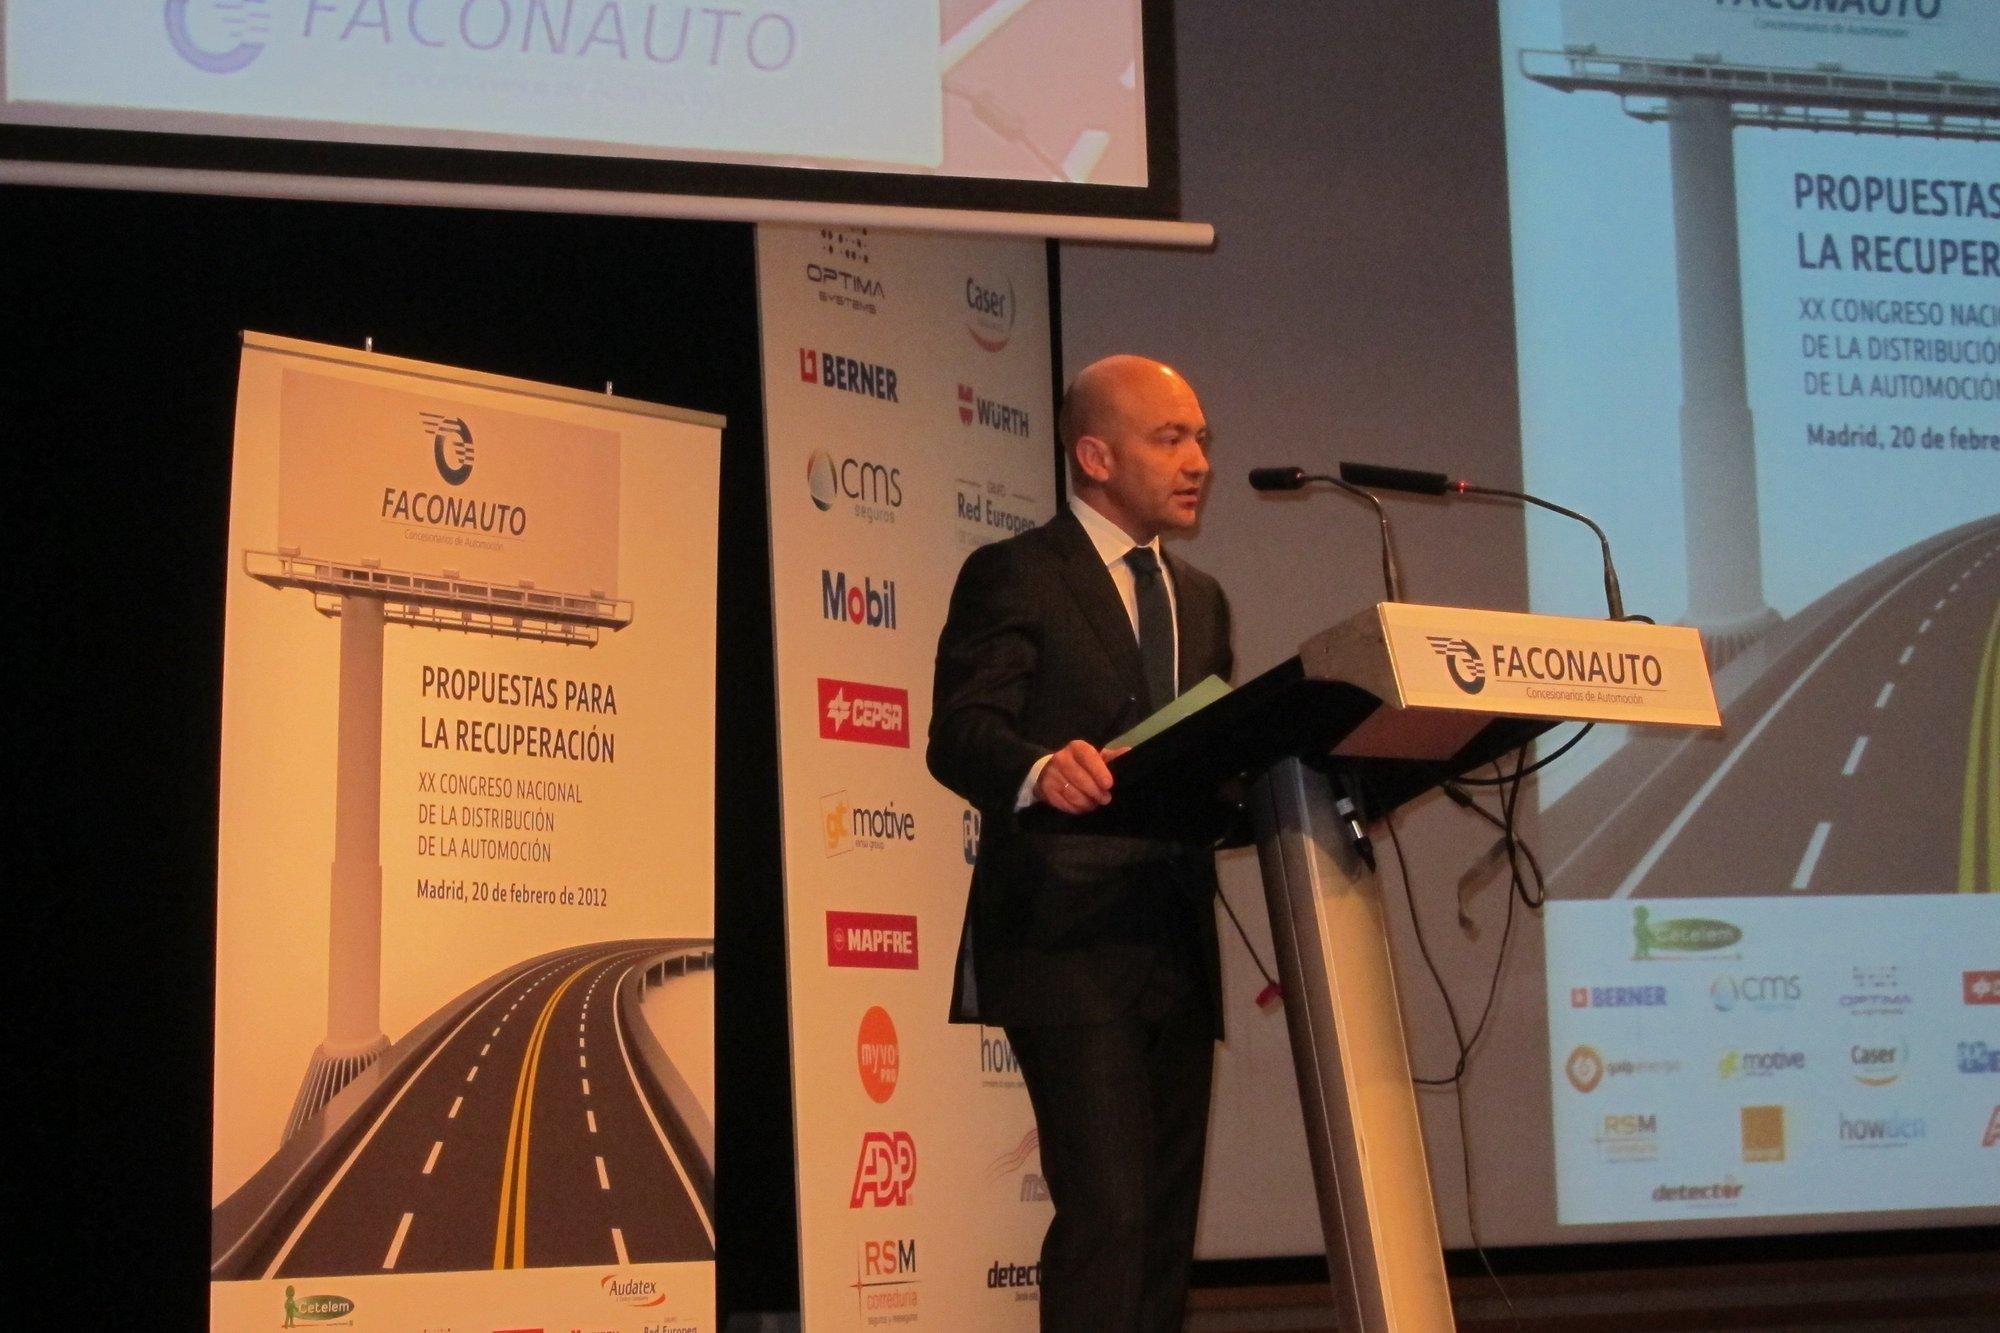 El Gobierno admite que el sector del automóvil necesita reformas «de calado» para reactivar el mercado